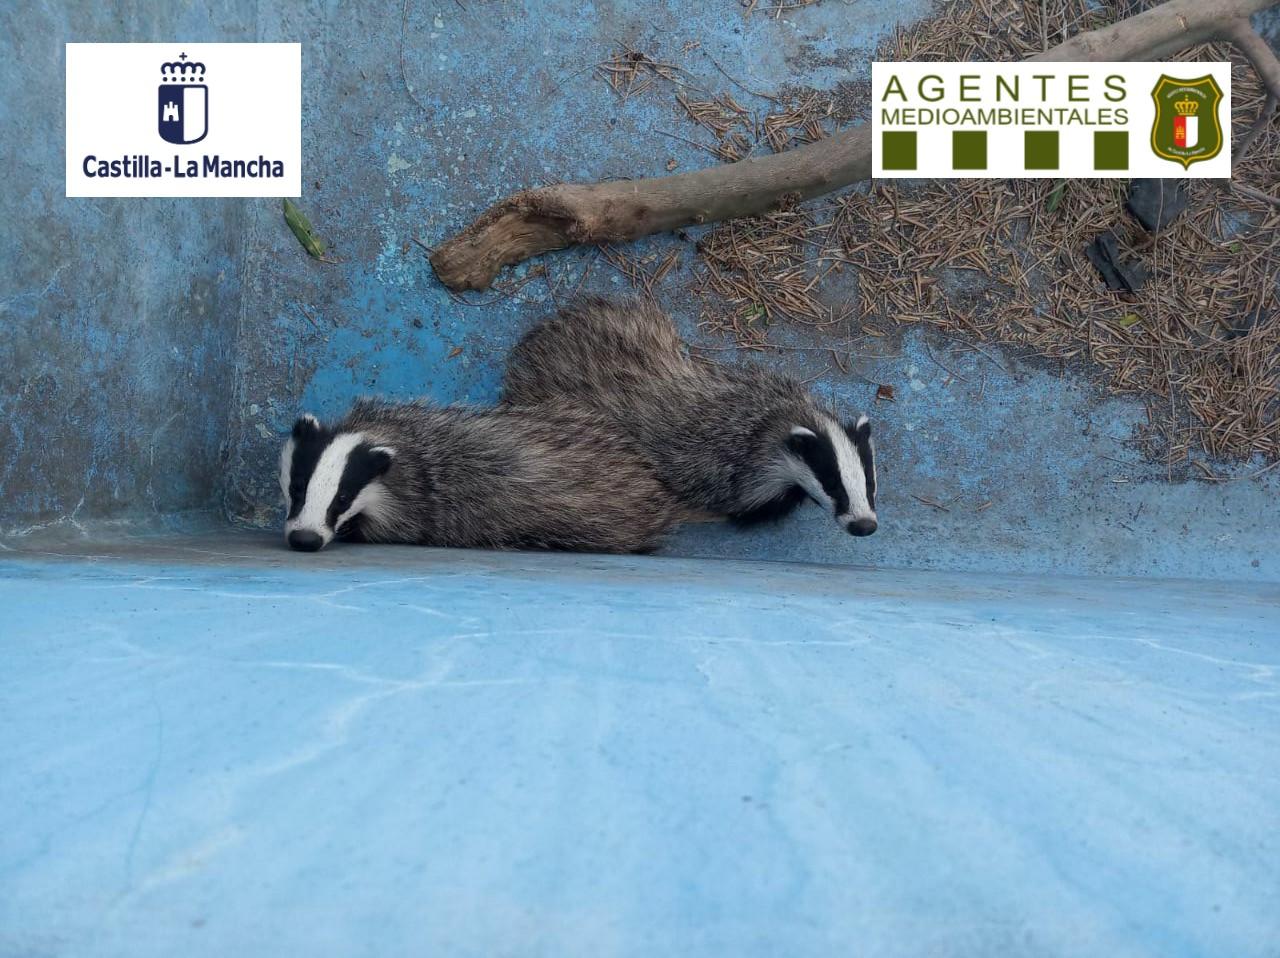 Un par de tejones en una piscina, rescatados por los Agentes Medioambientales de Castilla-La Mancha. Imagen: Agentes Medioambientales CLM